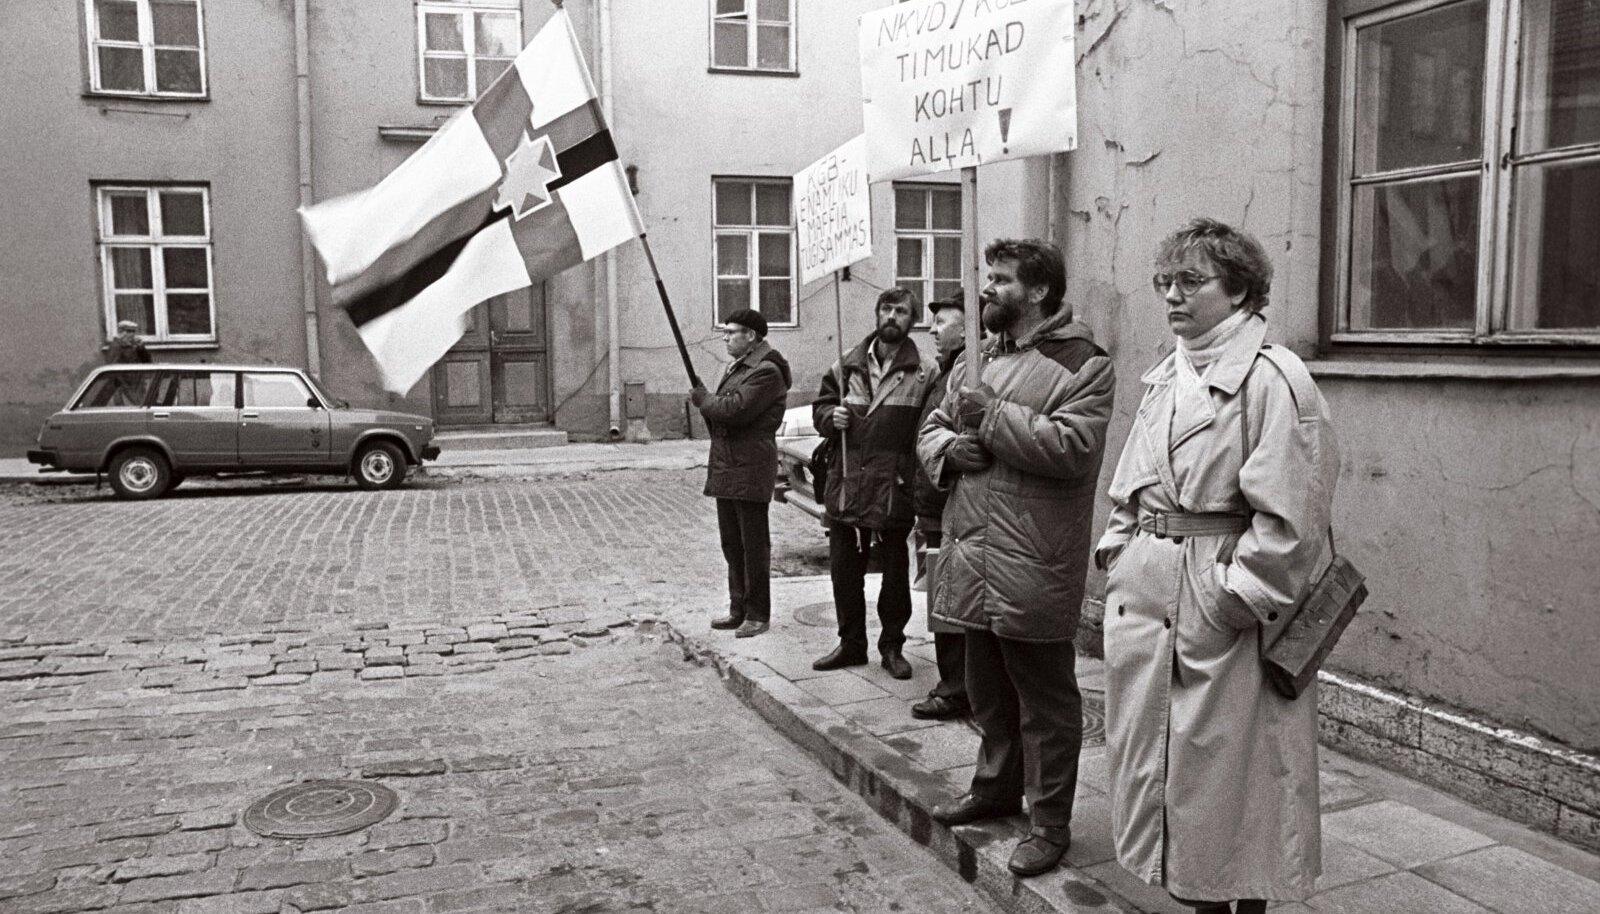 """Lagle Parek ja teised ERSP liikmed nõudmas 1990. aastal Pagari tänaval KGB tegelaste vastutusele võtmist. Hiljem on Lagle Parek kutsunud üles lepitusele ja öelnud, et ei tohi kellelegi tagantjärele ette heita, et nad Nõukogude võimu ajal """"murdusid""""."""